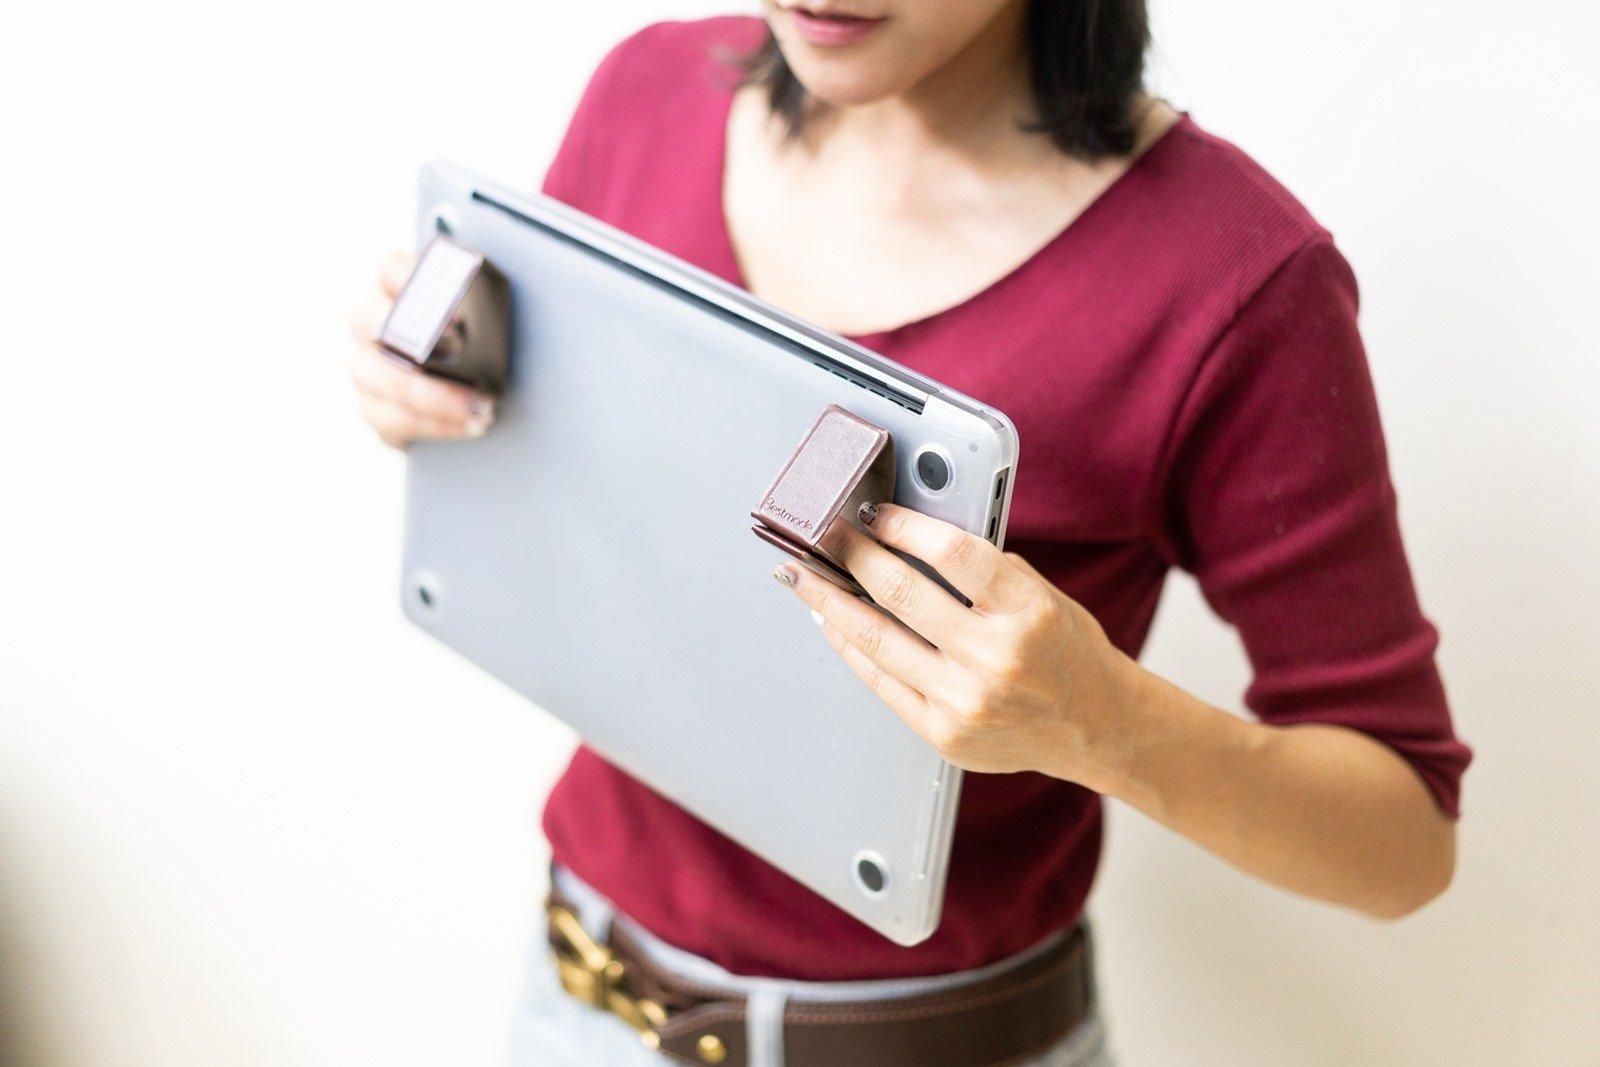 皮革質感、0.4cm 的超薄輕巧,優雅自由,地表最小最美 Bestmade NEO 皮革筆電架來了! @3C 達人廖阿輝